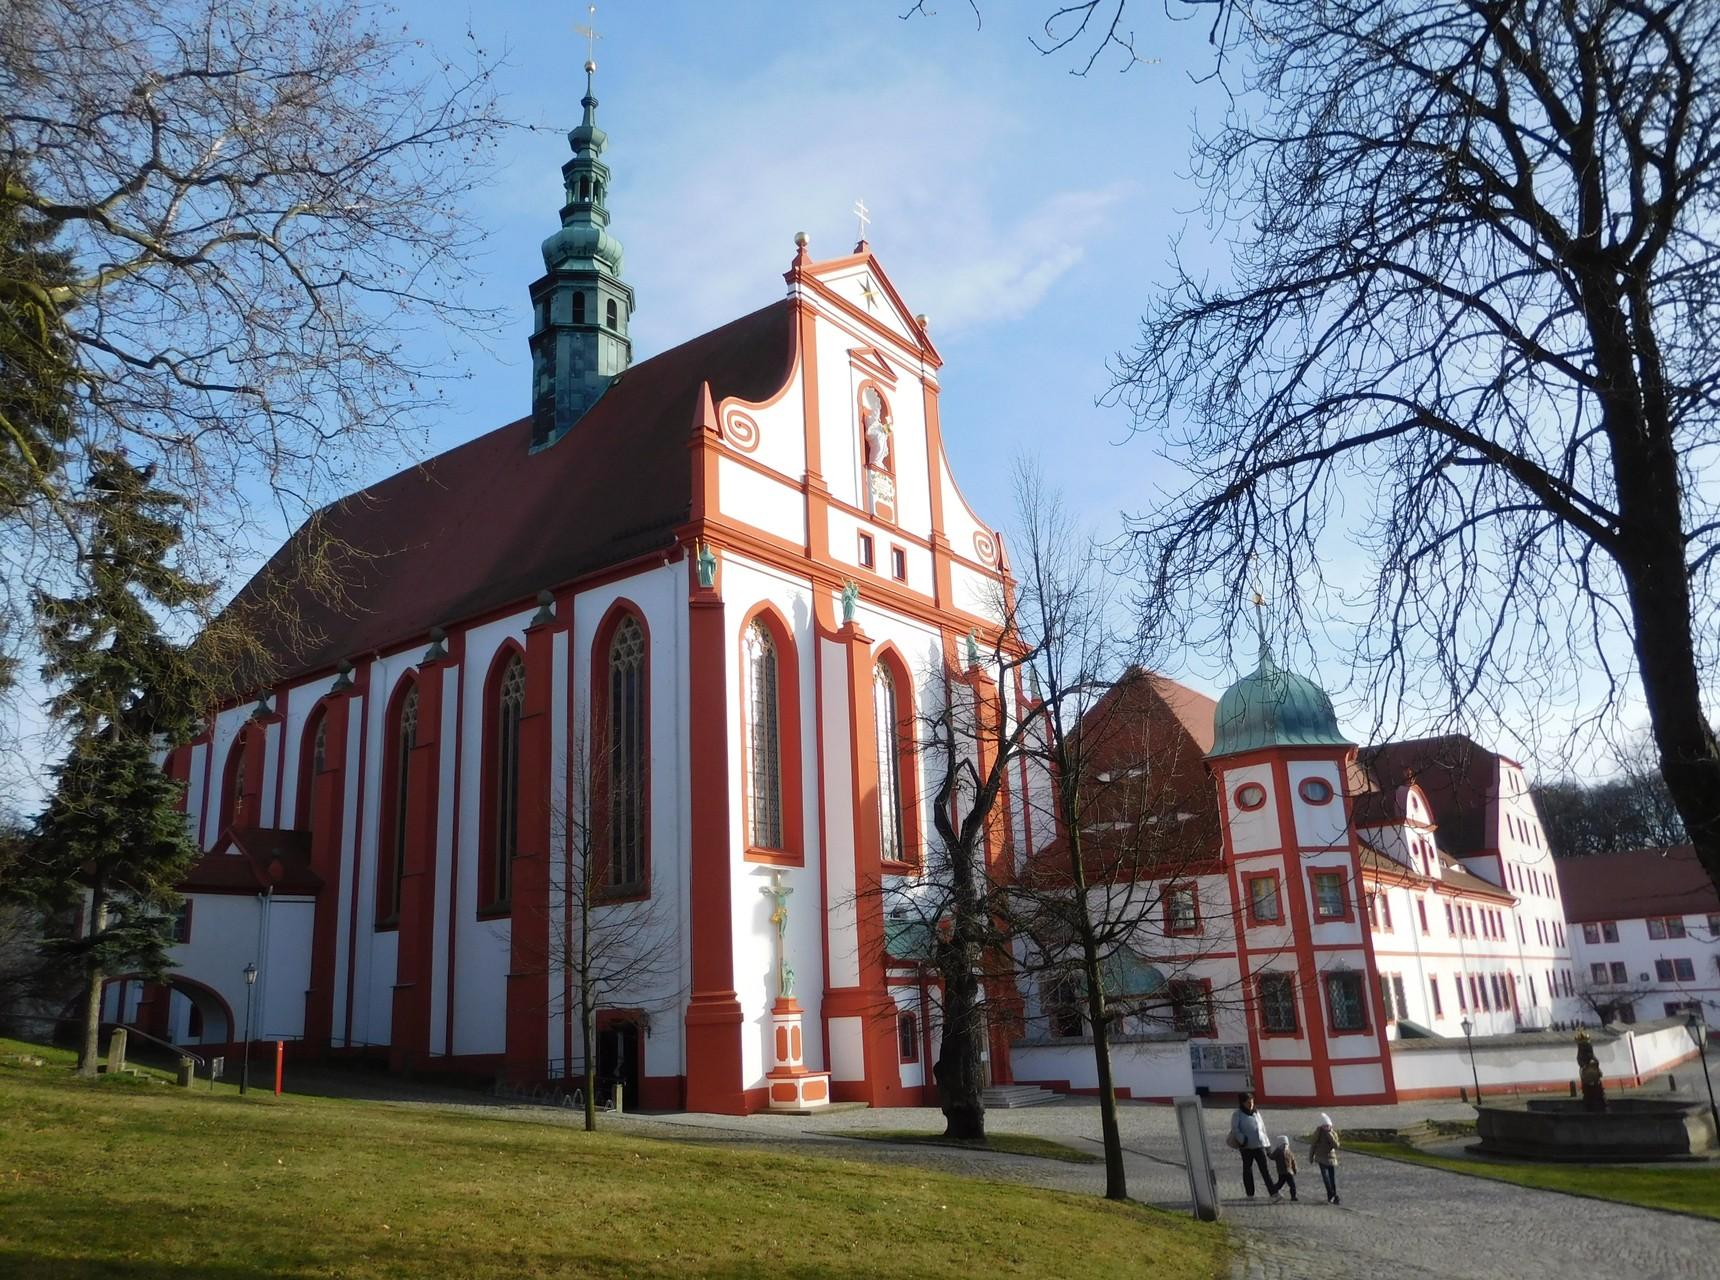 Kloster St. Marienstern Panschwitz Kuckau